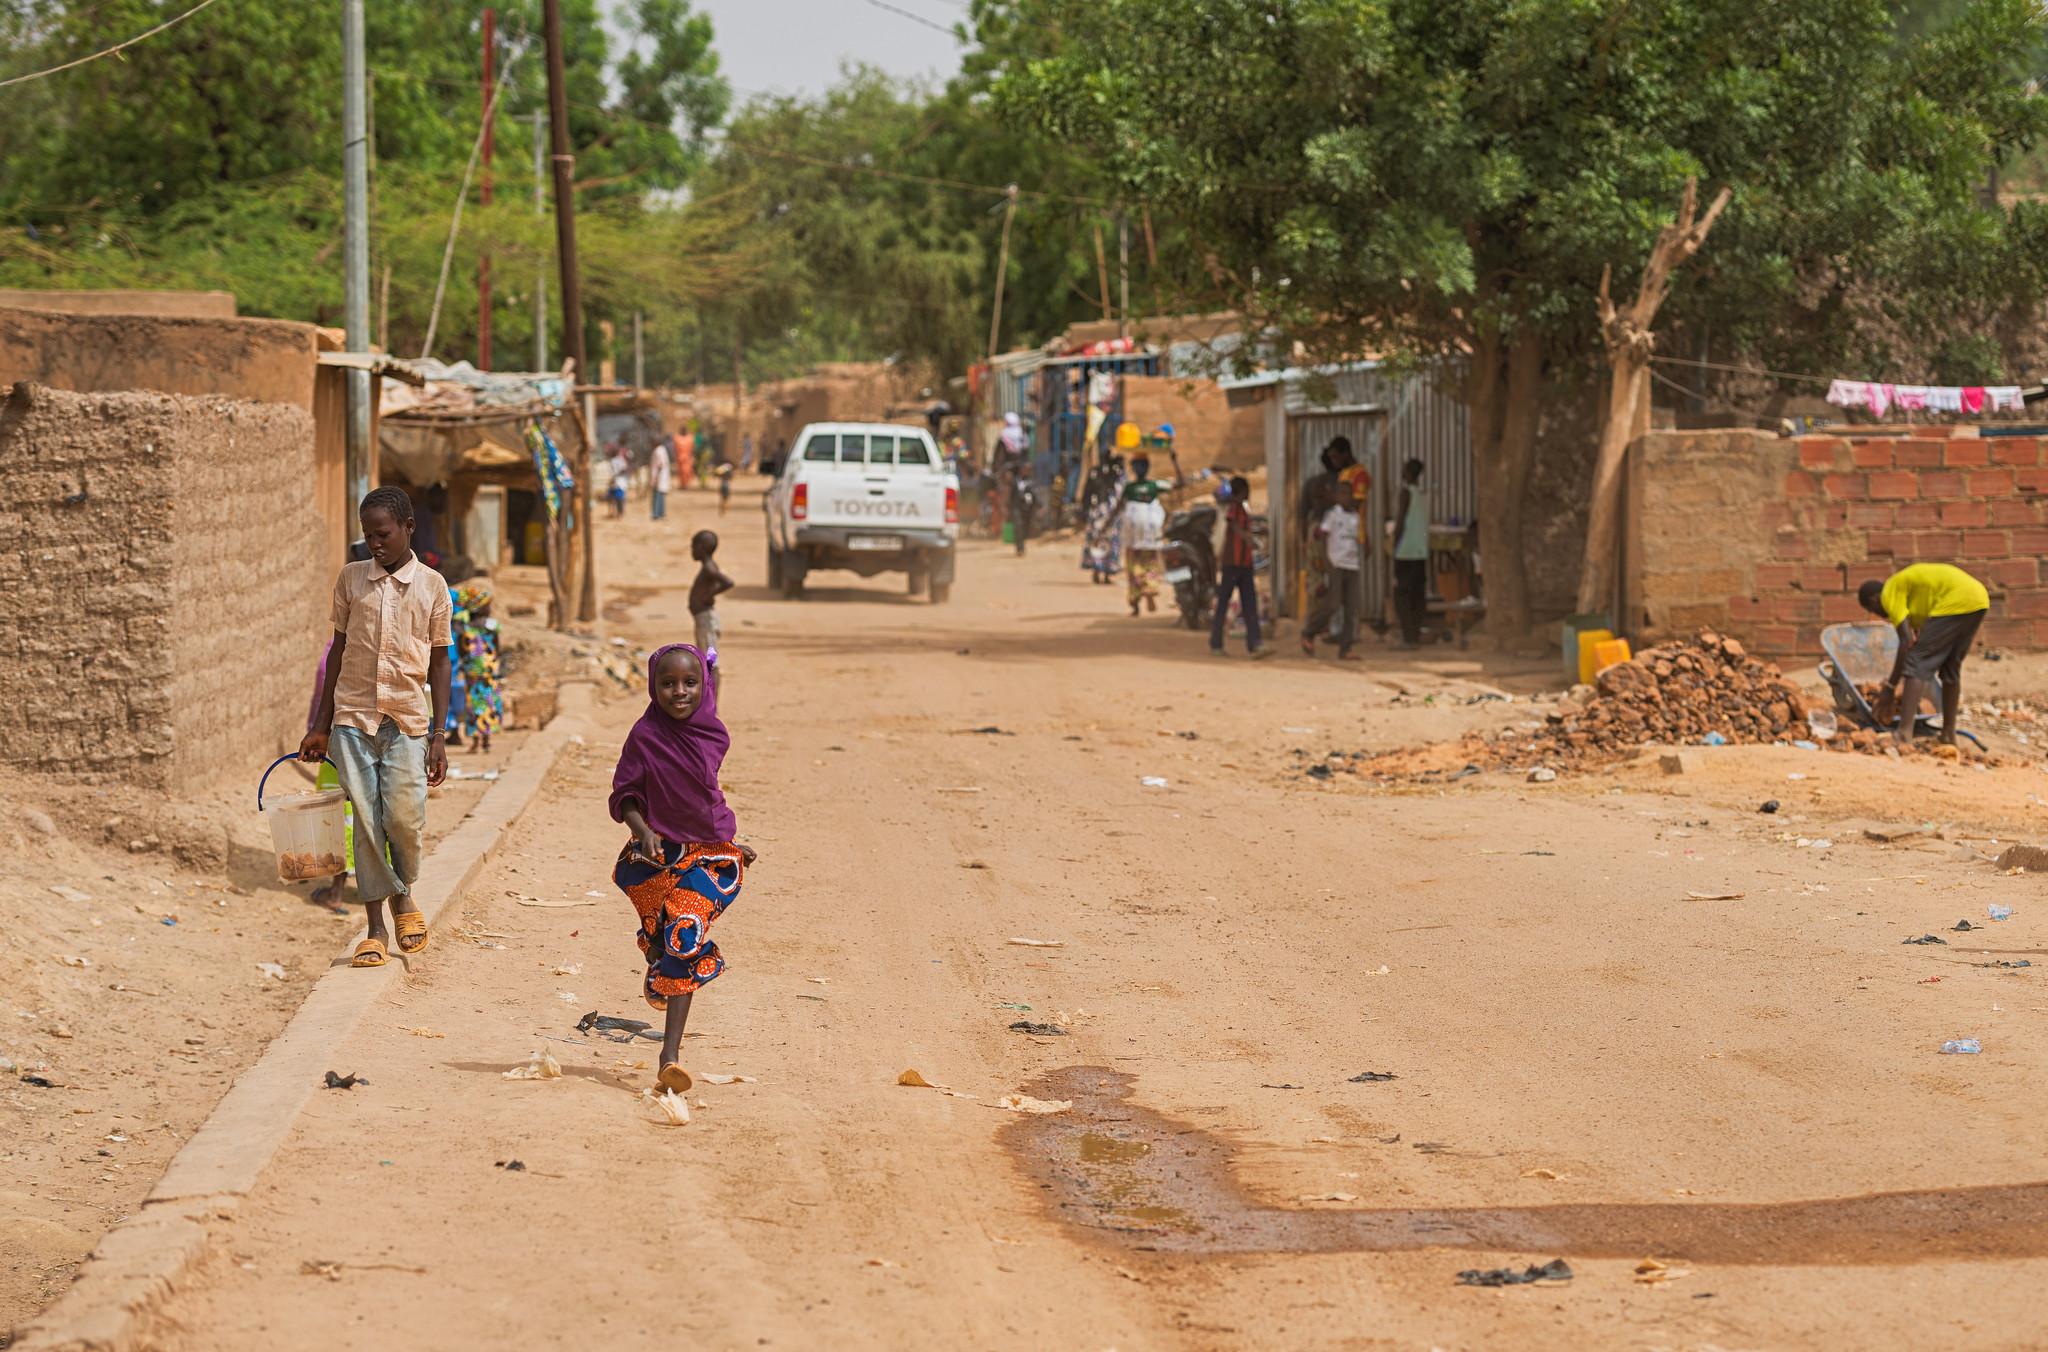 Old Town Niamey